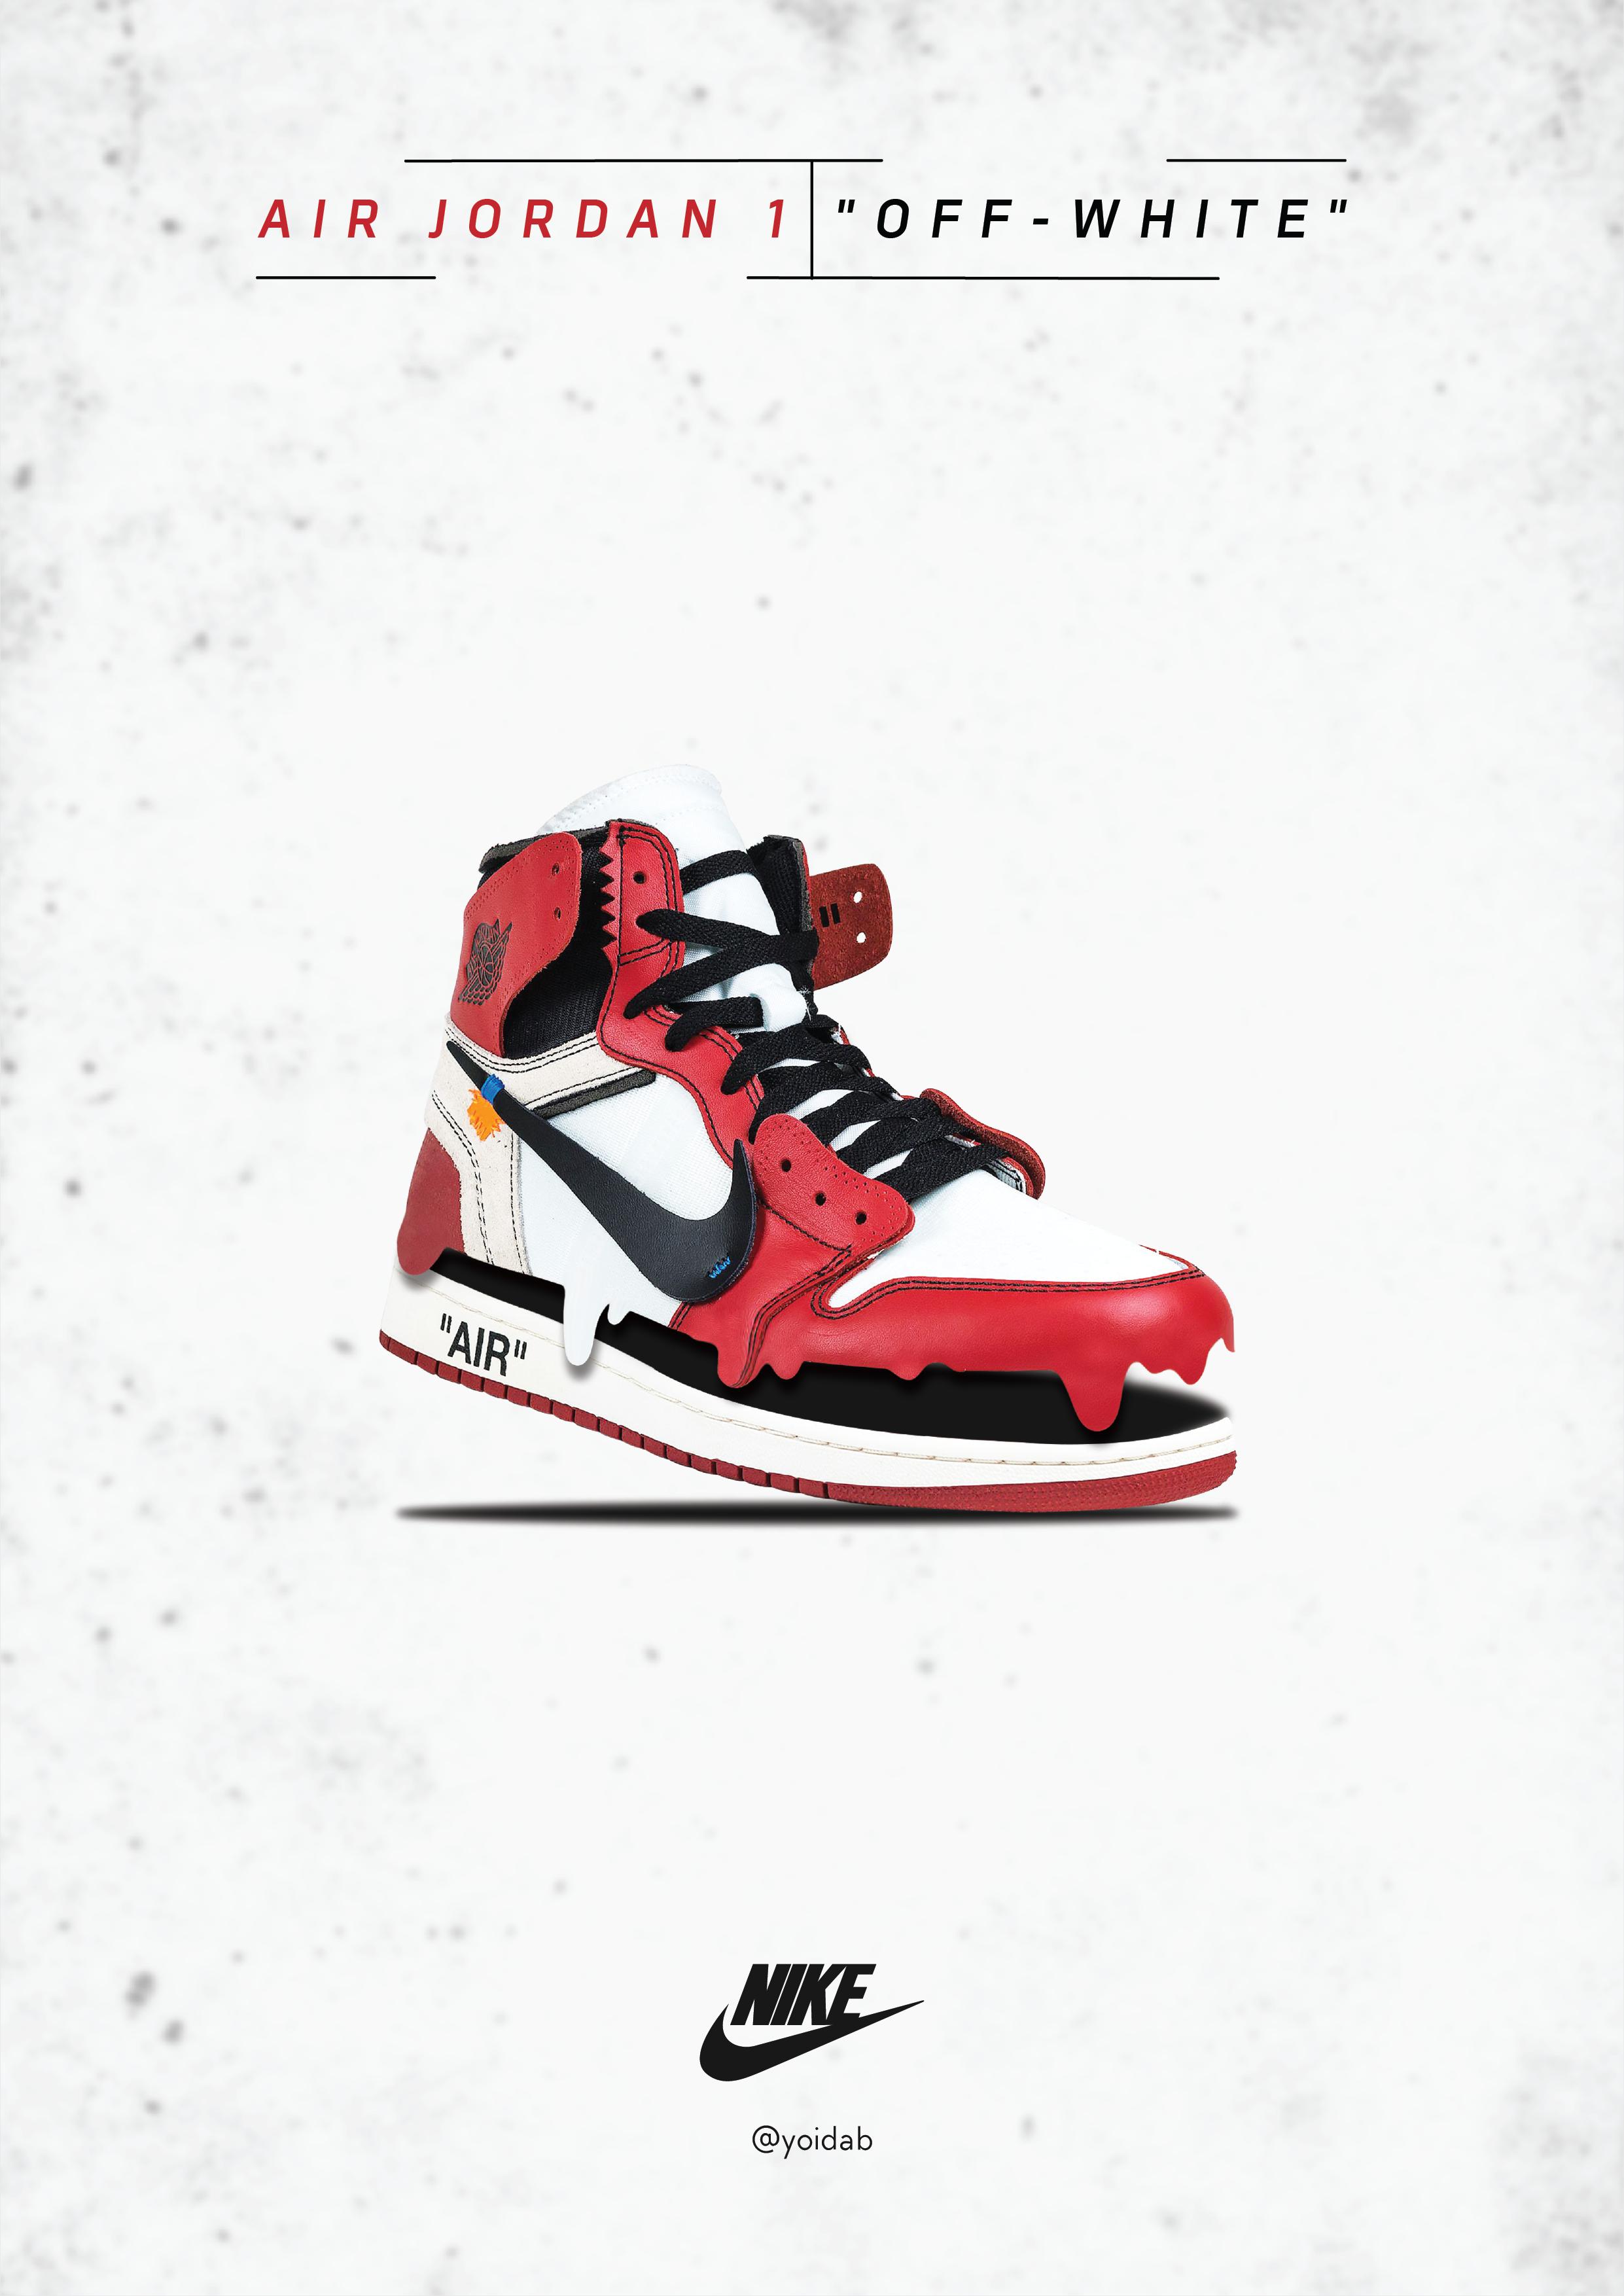 Nike Air Jordan Poster Design